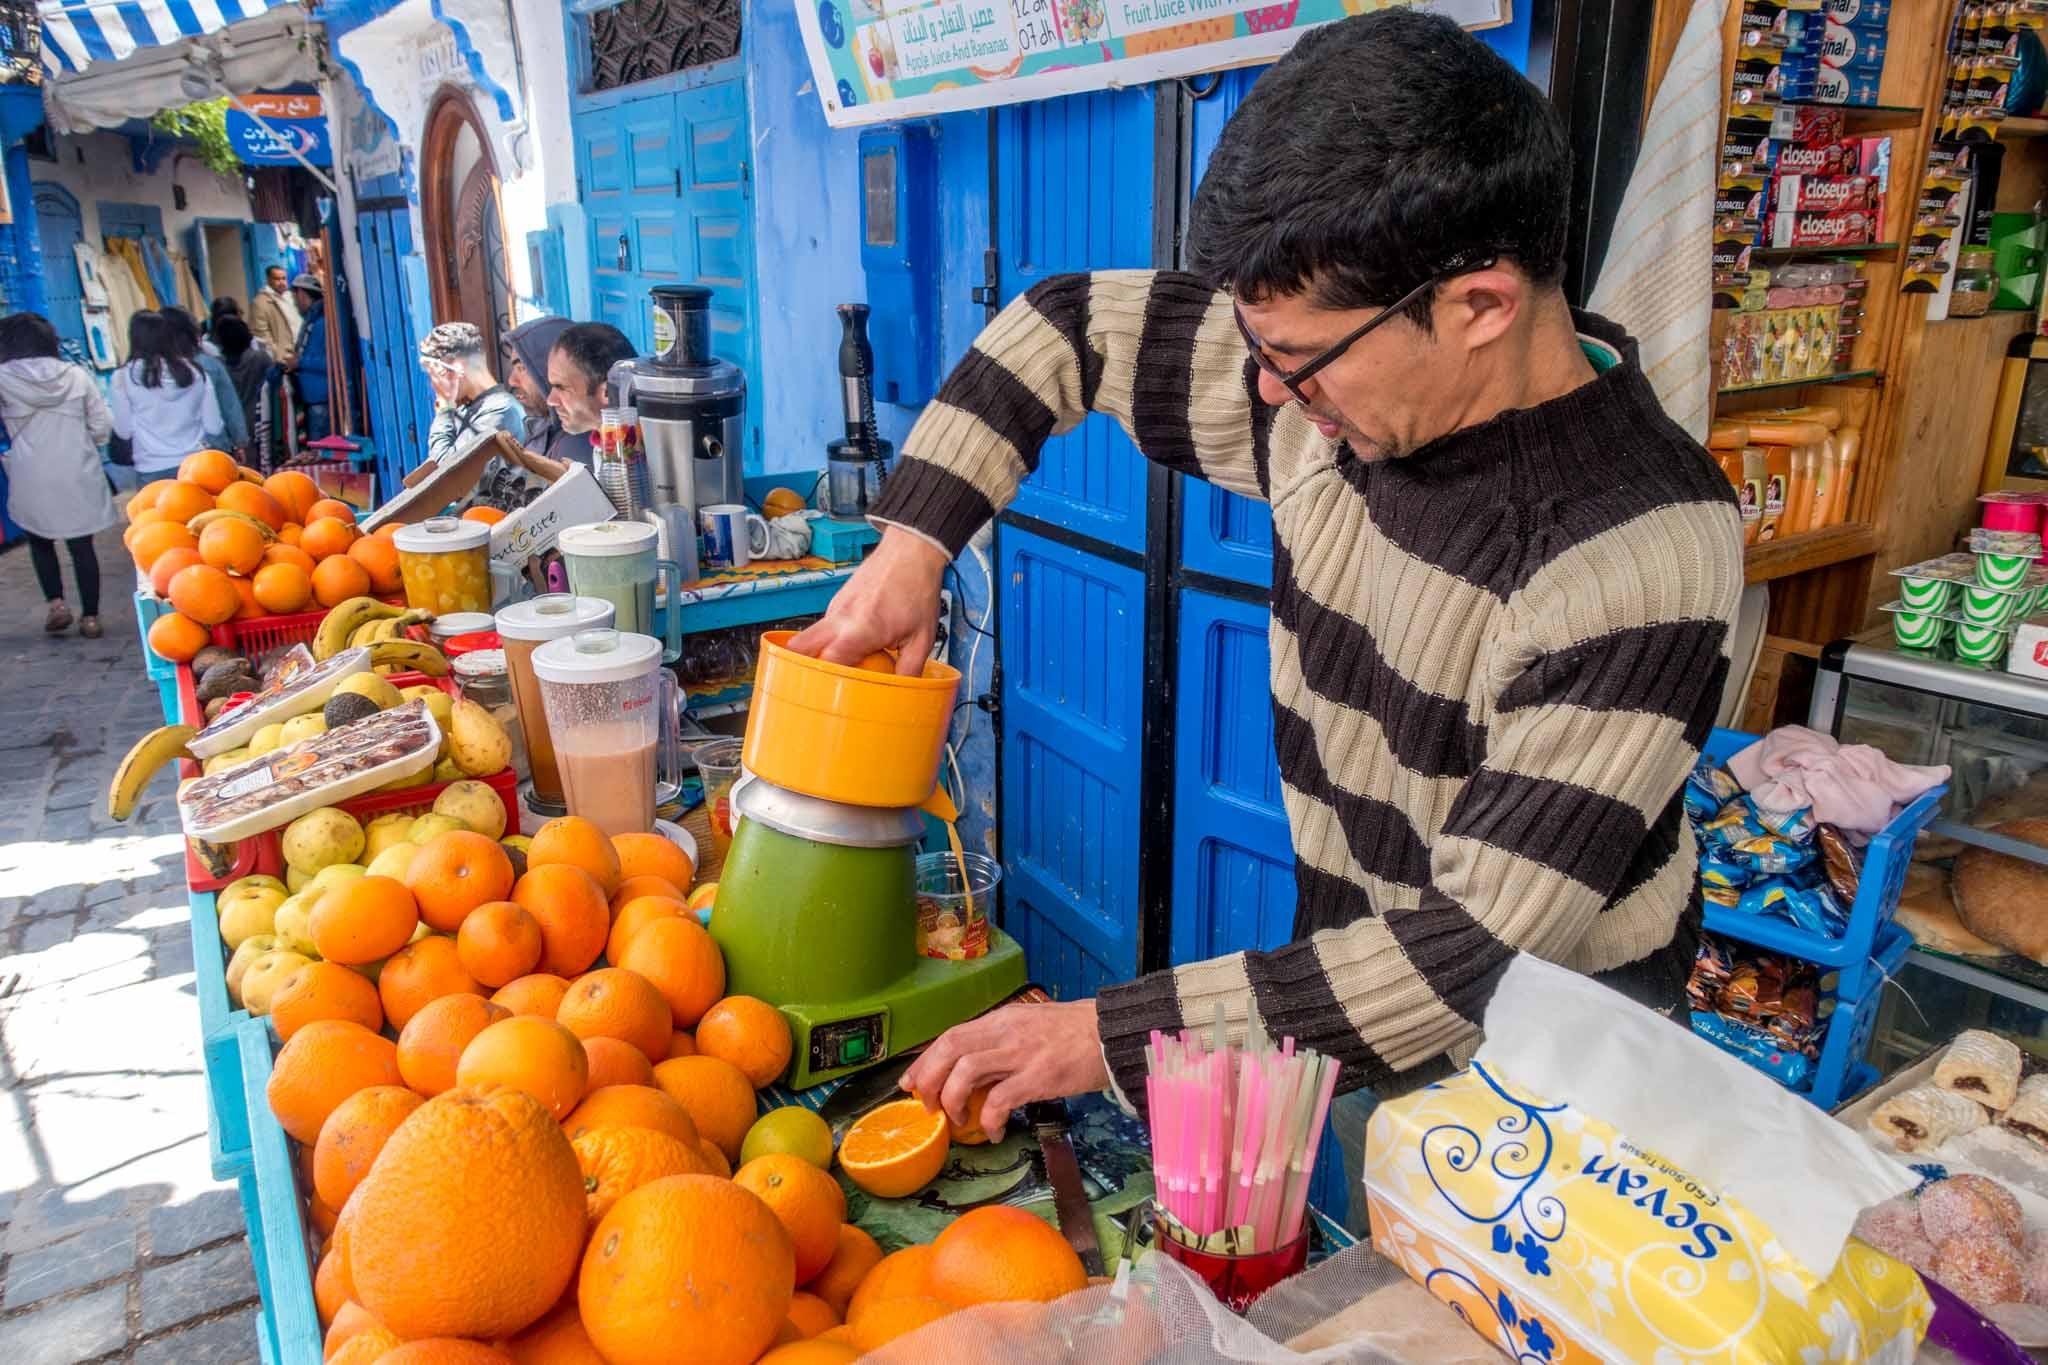 Man making fresh orange juice at a juice stand